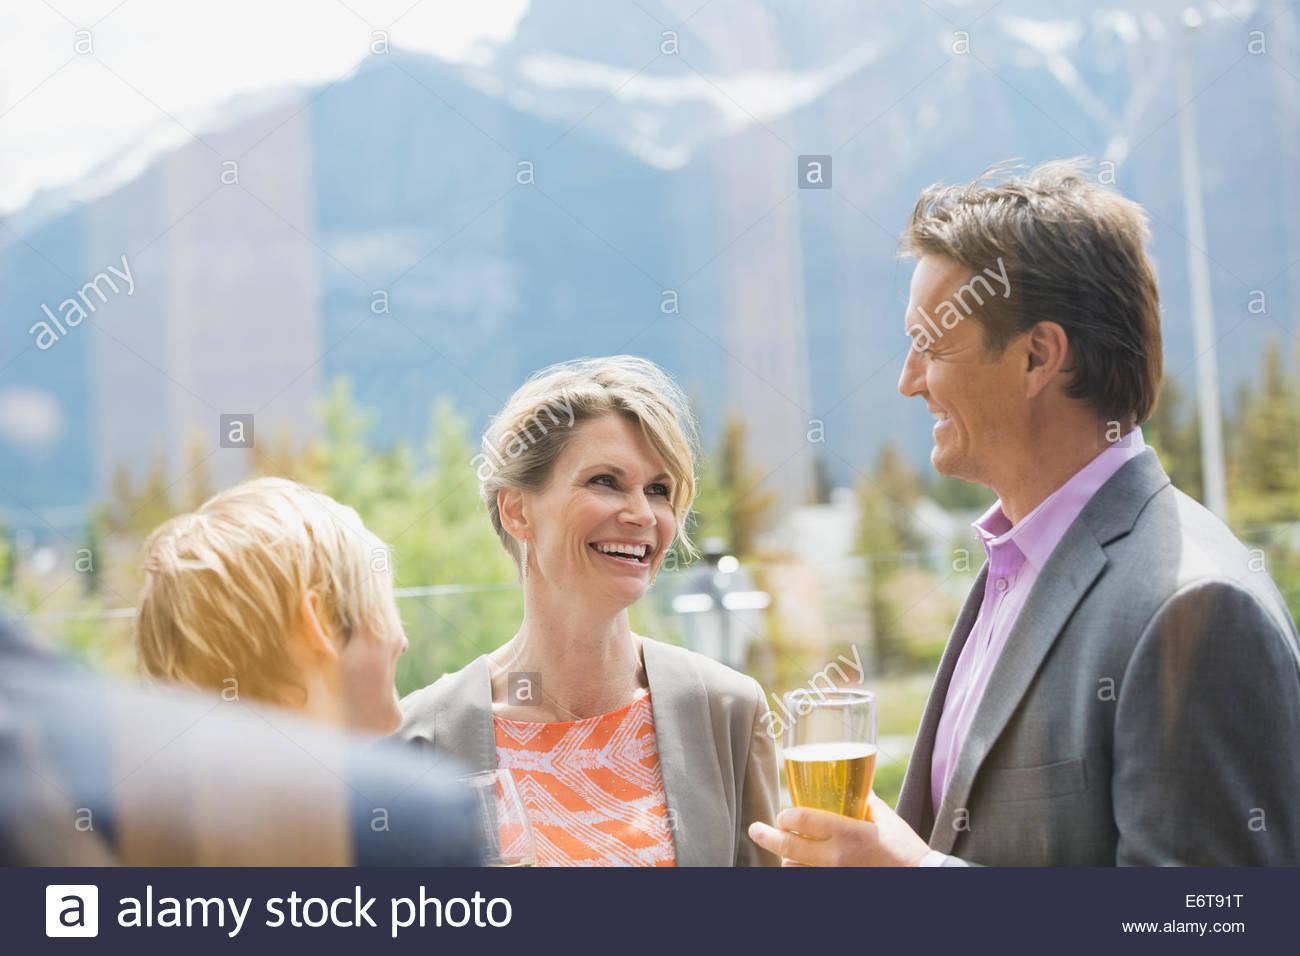 Hablando a la gente de negocios networking event Imagen De Stock